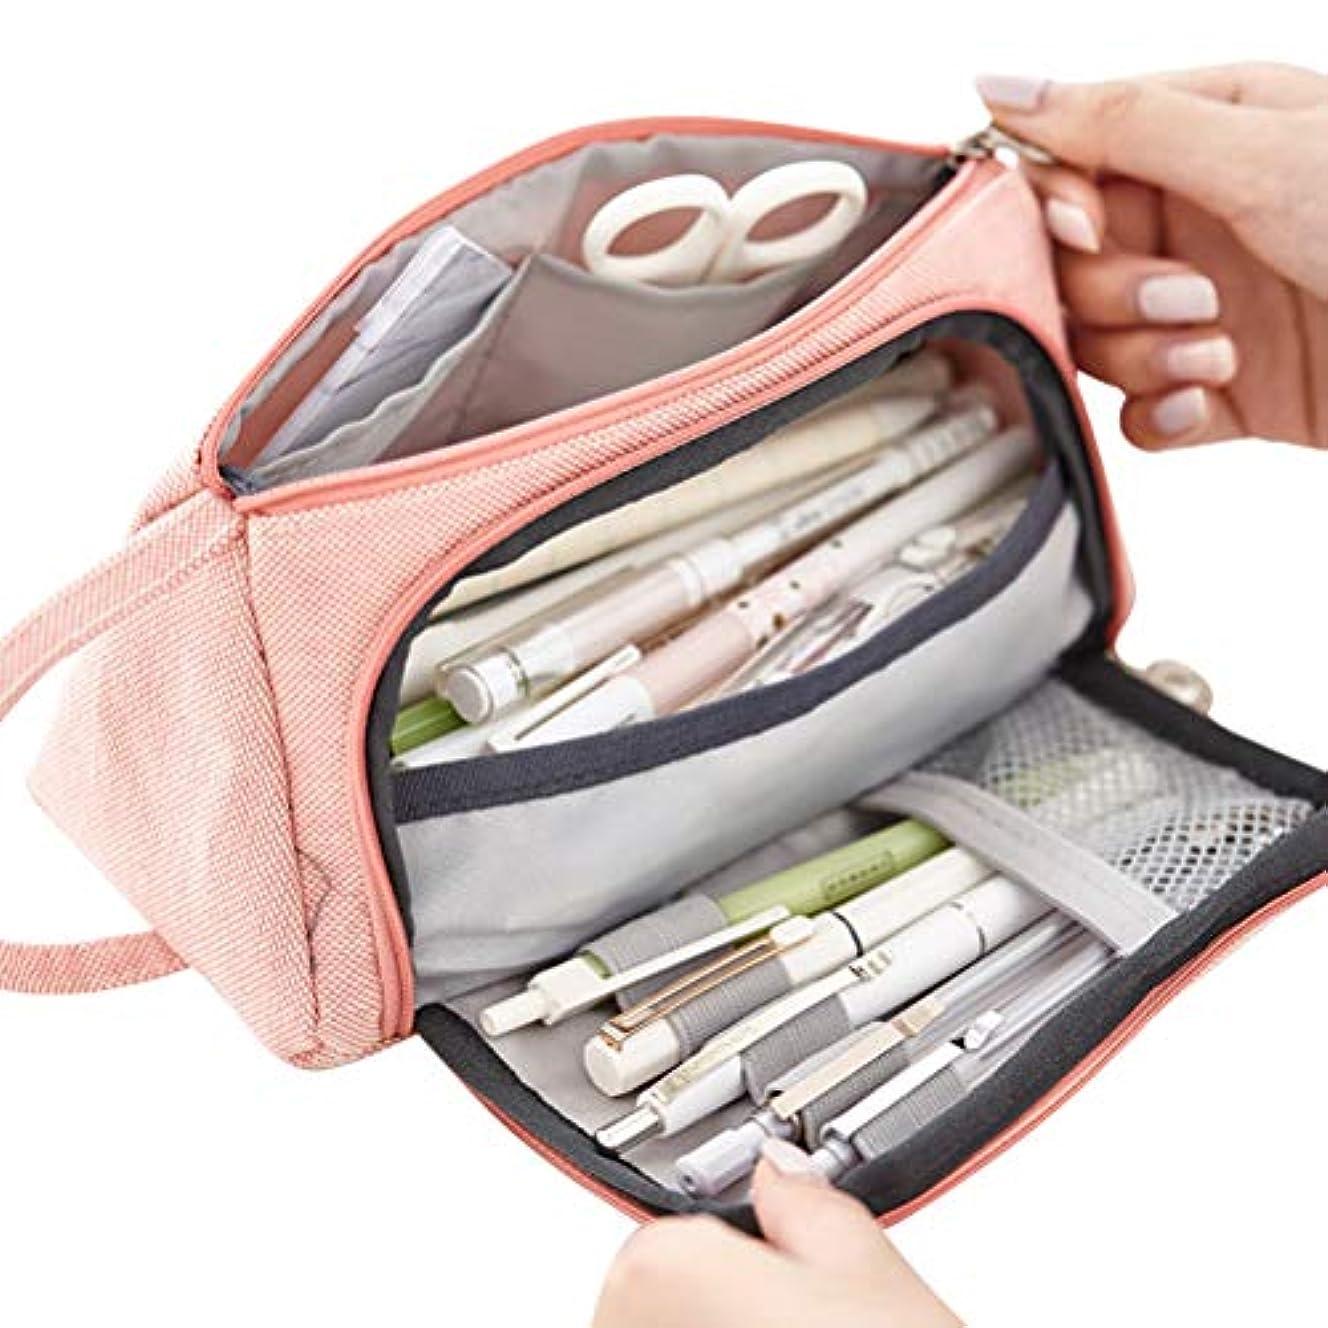 わざわざダースインストールハンドルの化粧品袋が付いている大きい容量の文房具の袋の麻布の筆箱